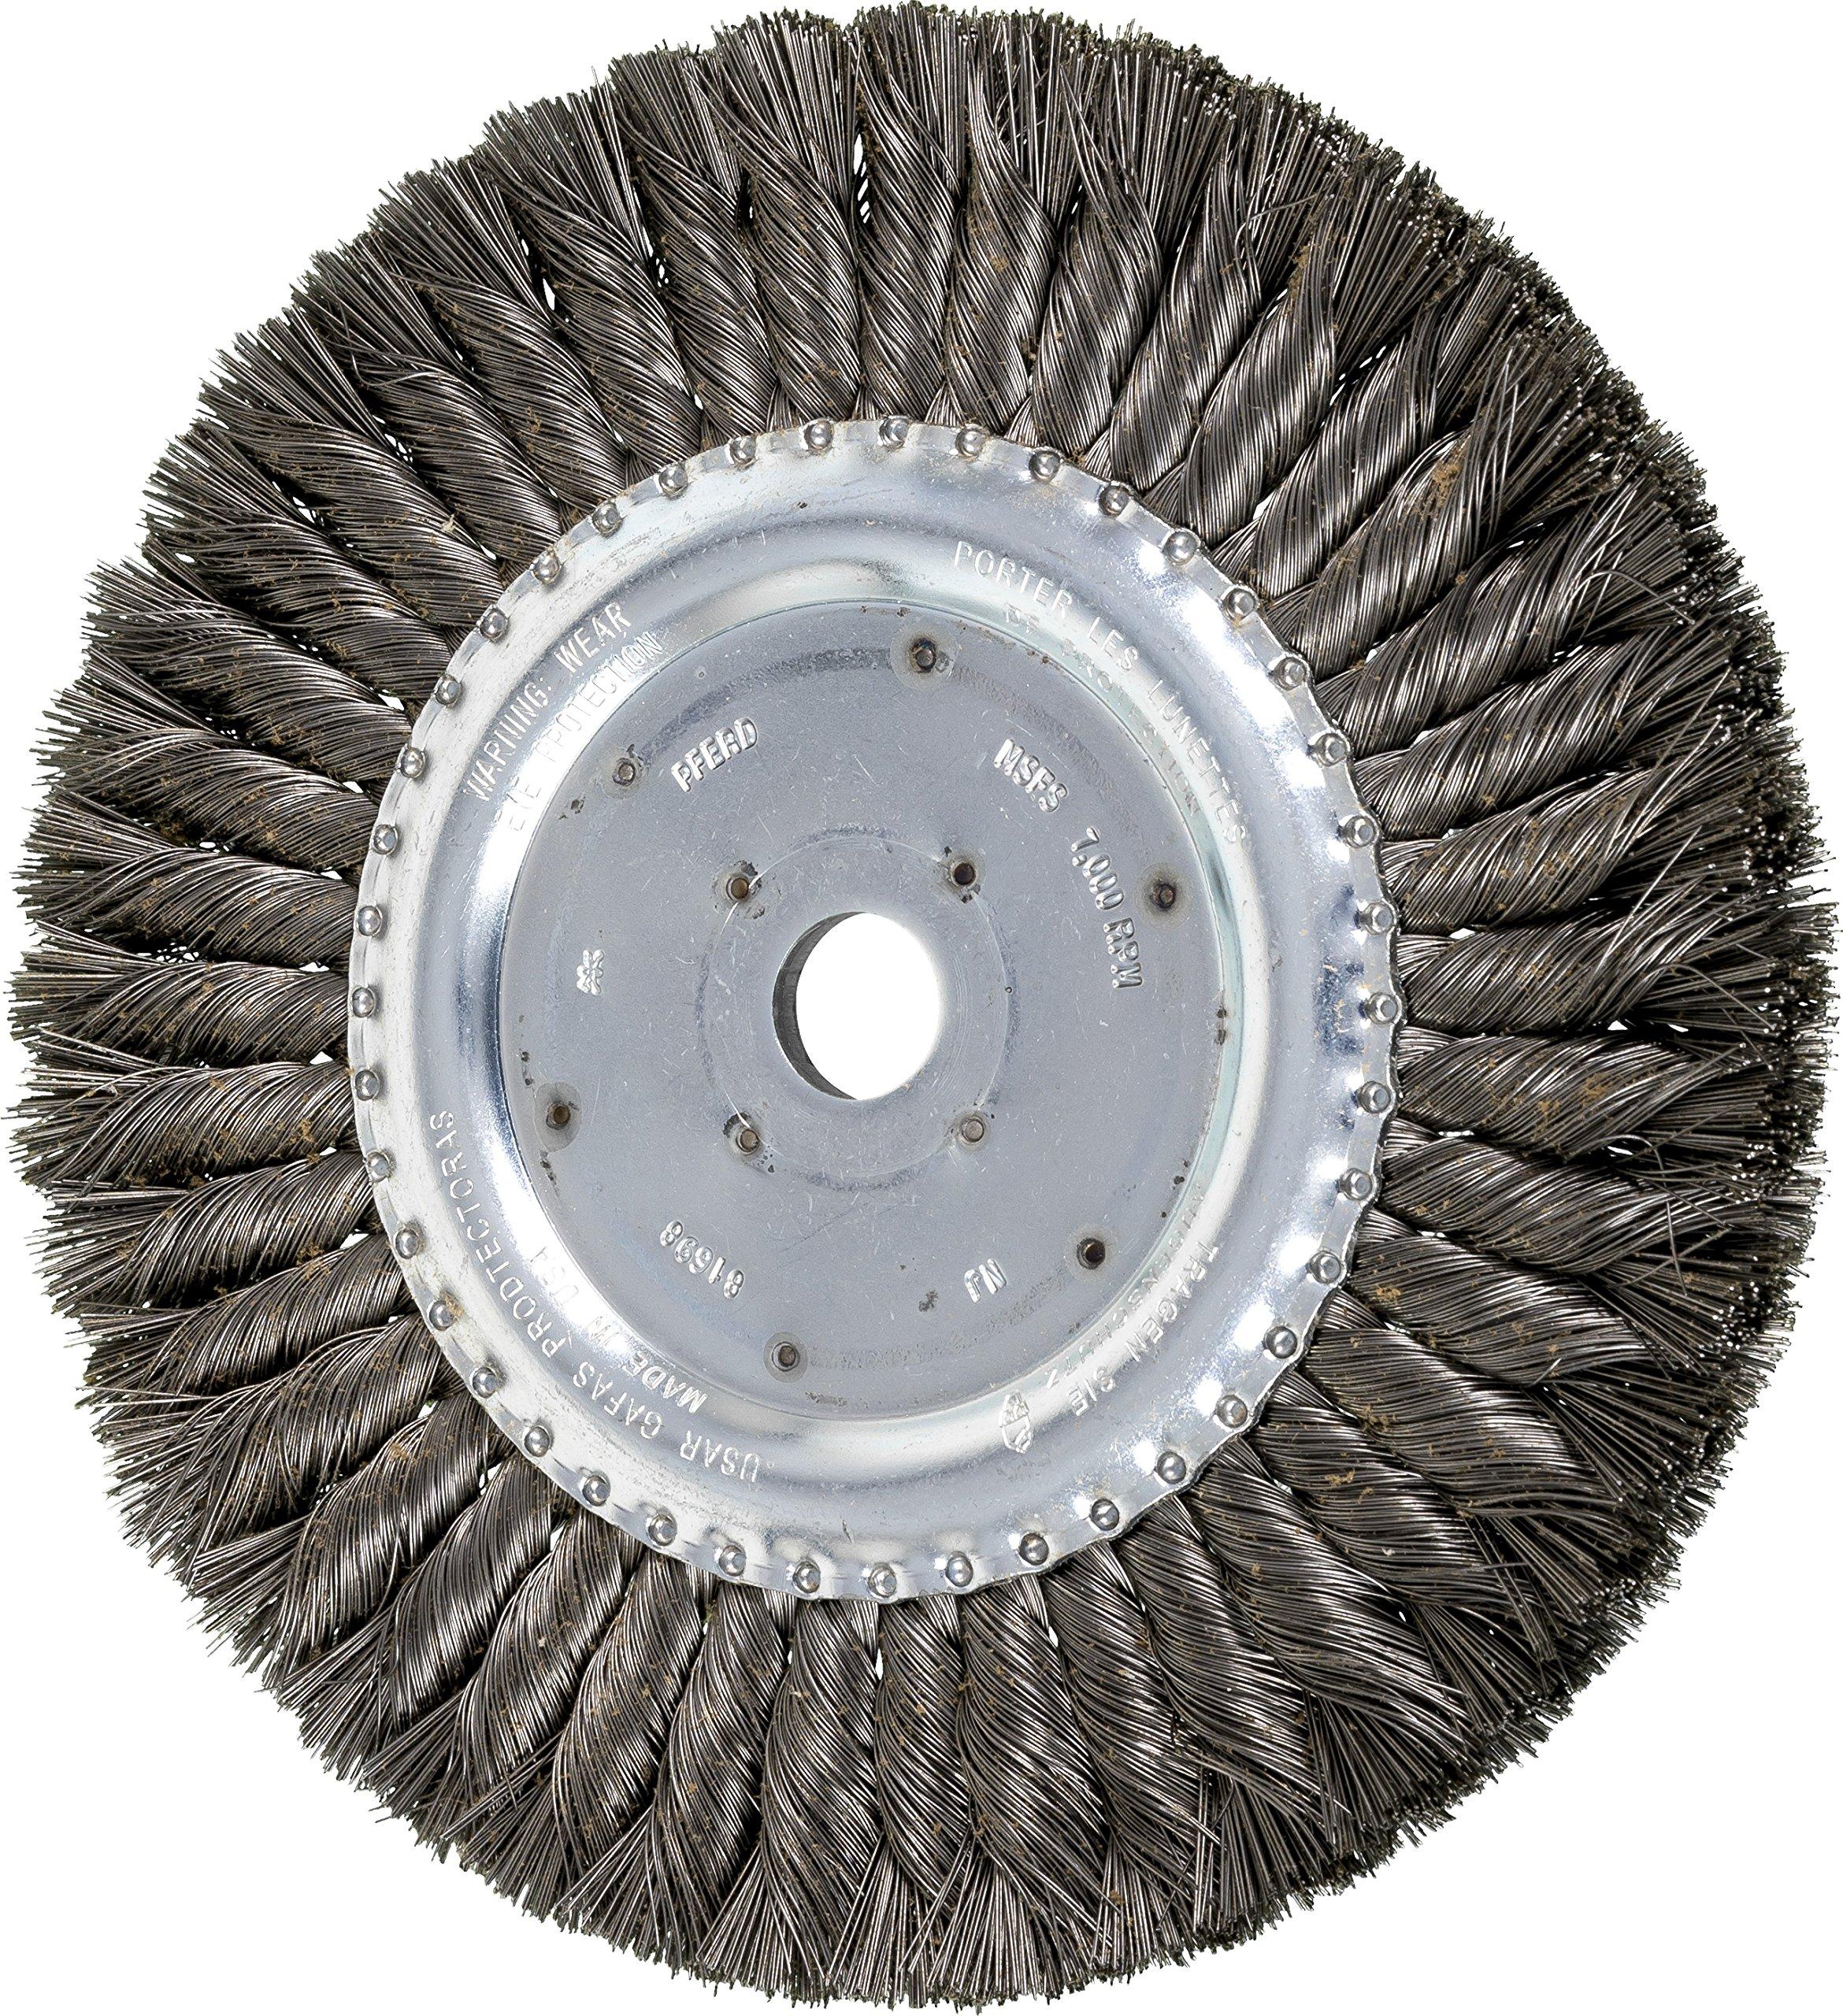 PFERD 81698 Standard Twist Knot Wheel Brush, Carbon Steel Wire, 8'' Diameter, 3/4'' Arbor Hole, 0.014 Wire Size, 1-5/8'' Trim Length, 5/8'' Face Width, 7000 RPM by Pferd